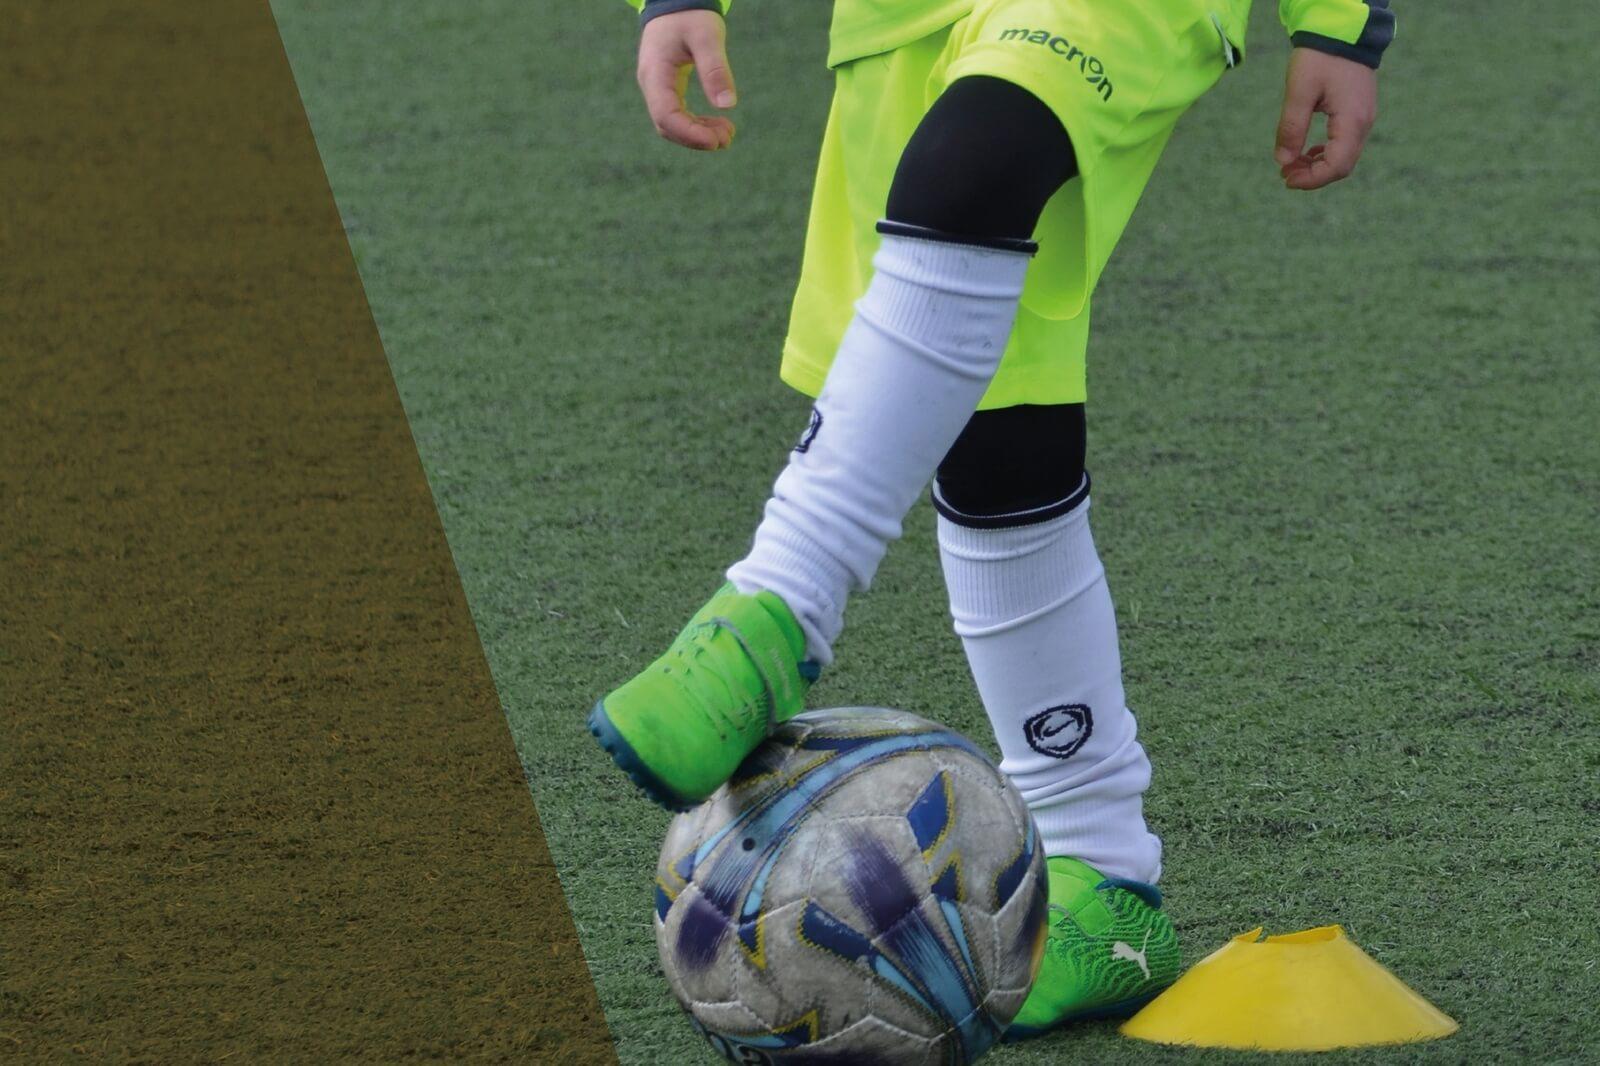 Creazione hub online prenotazione abbonamenti Associazione Sportiva Calciomania - Maingage, Web agency Bari